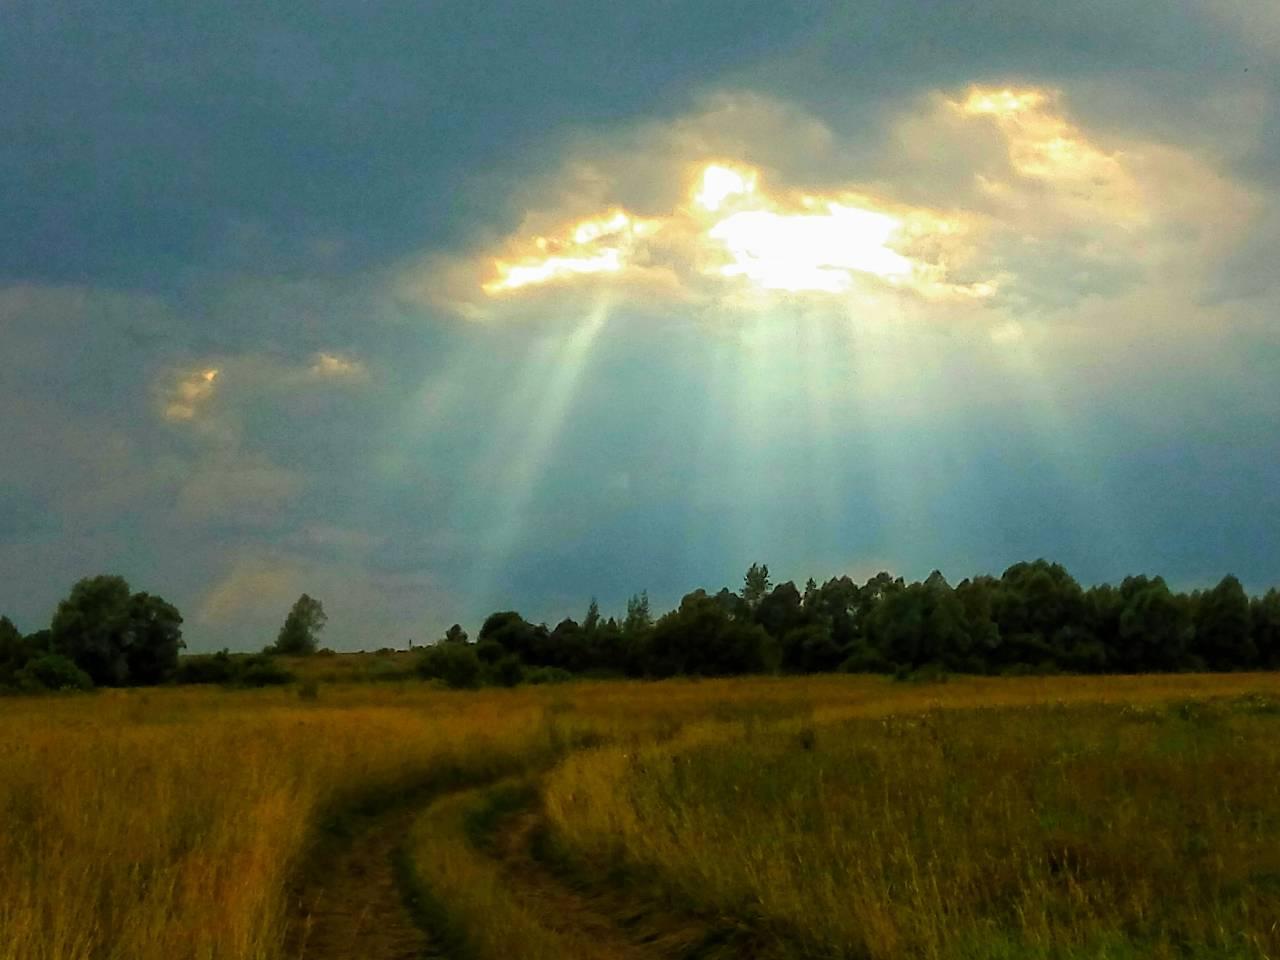 лучи солнца сквозь грозовые тучи фотография Sergei